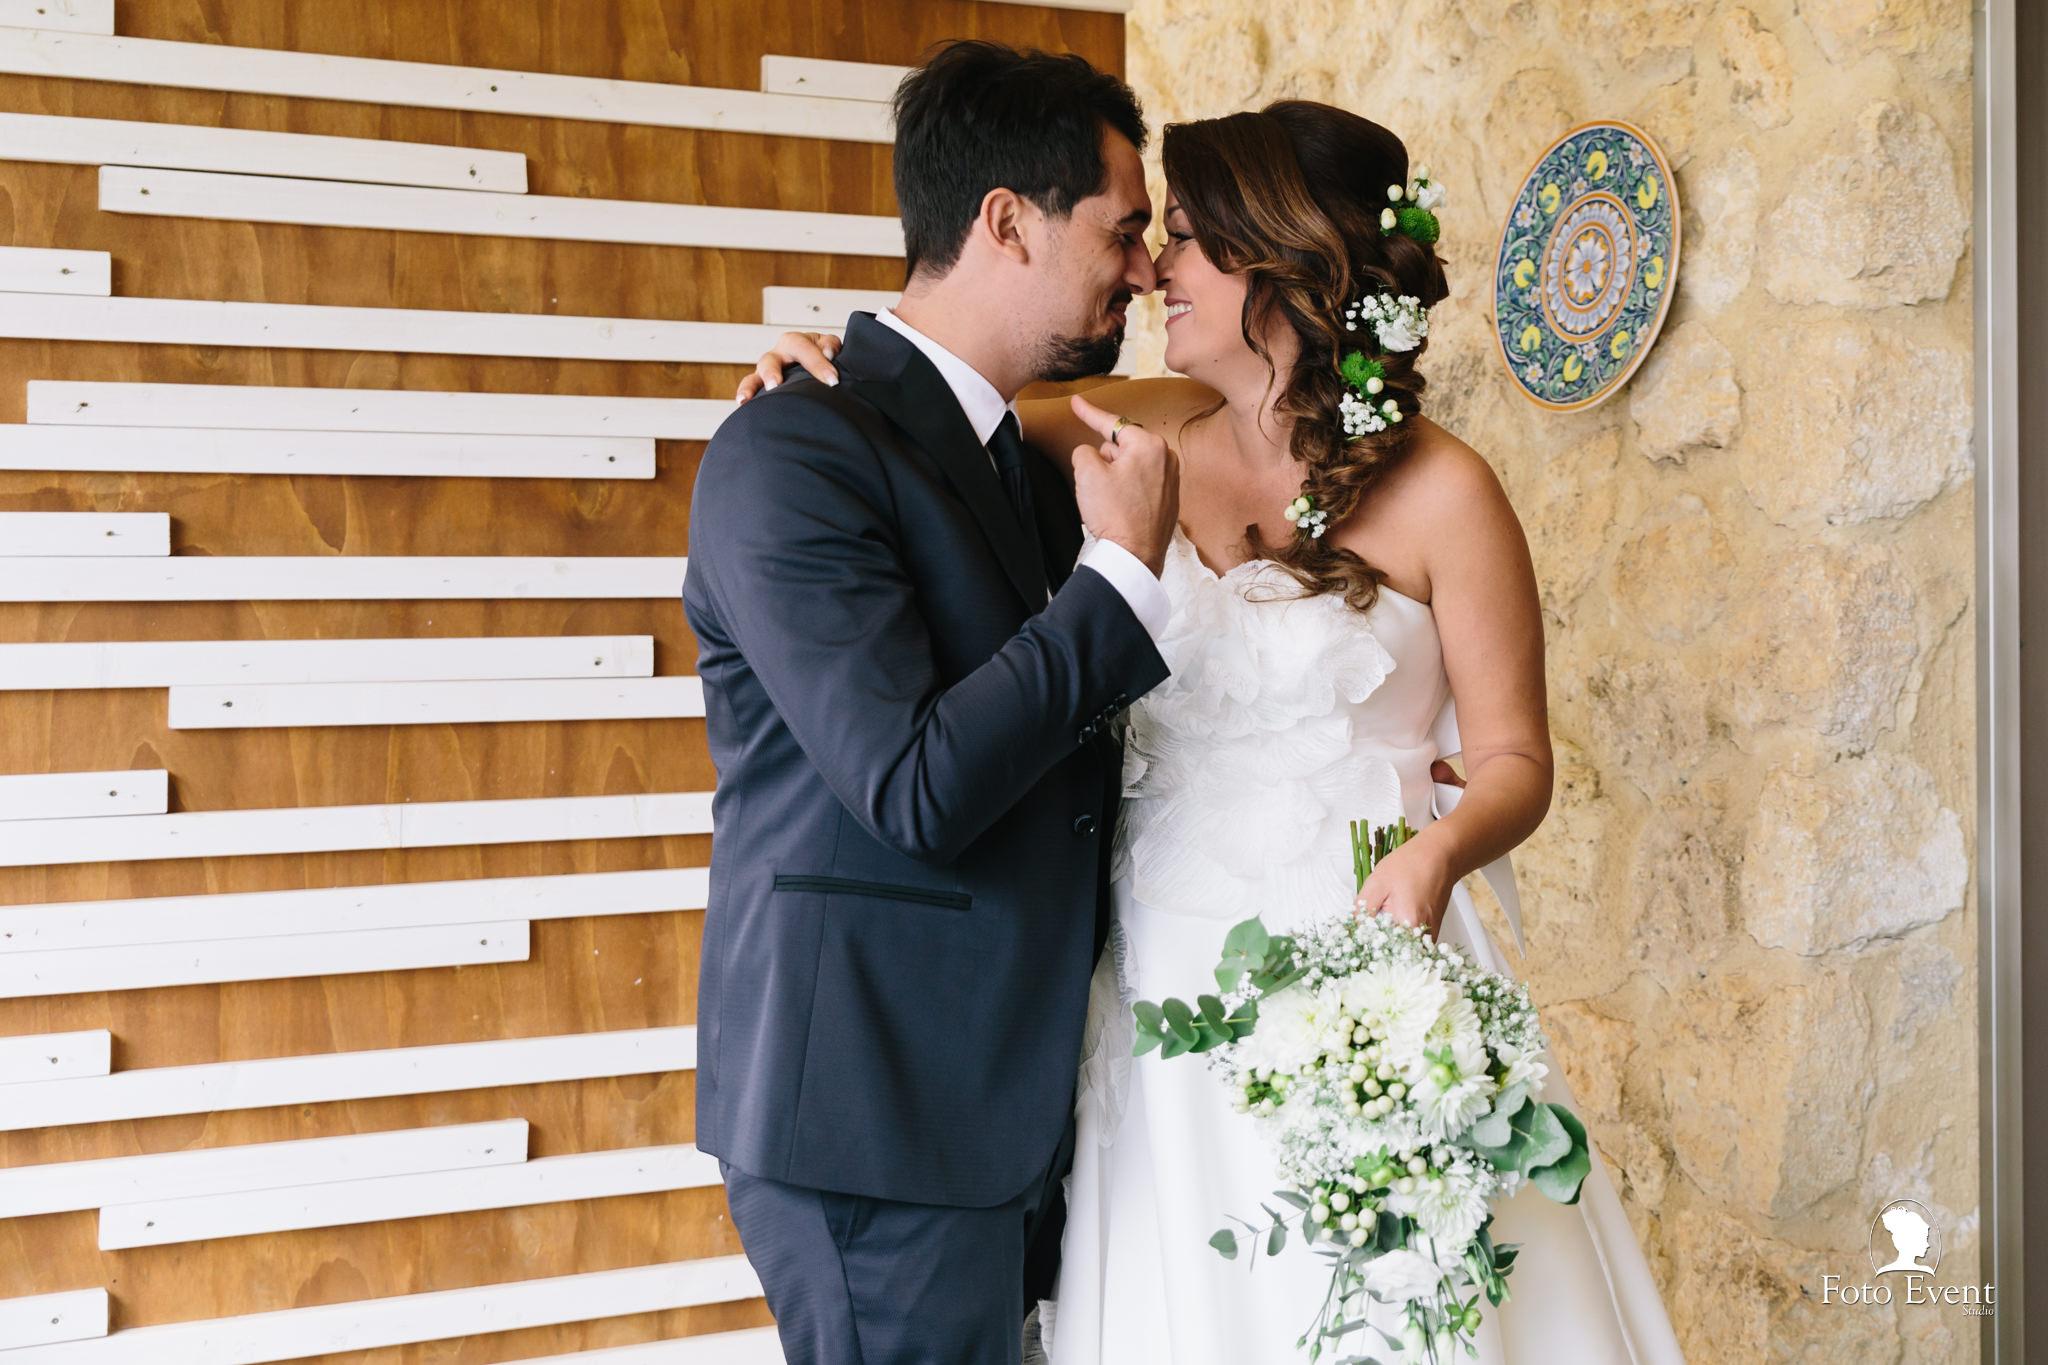 020-2020-10-15-Matrimonio-Noemi-e-Salvatore-Paterno-5DE-809